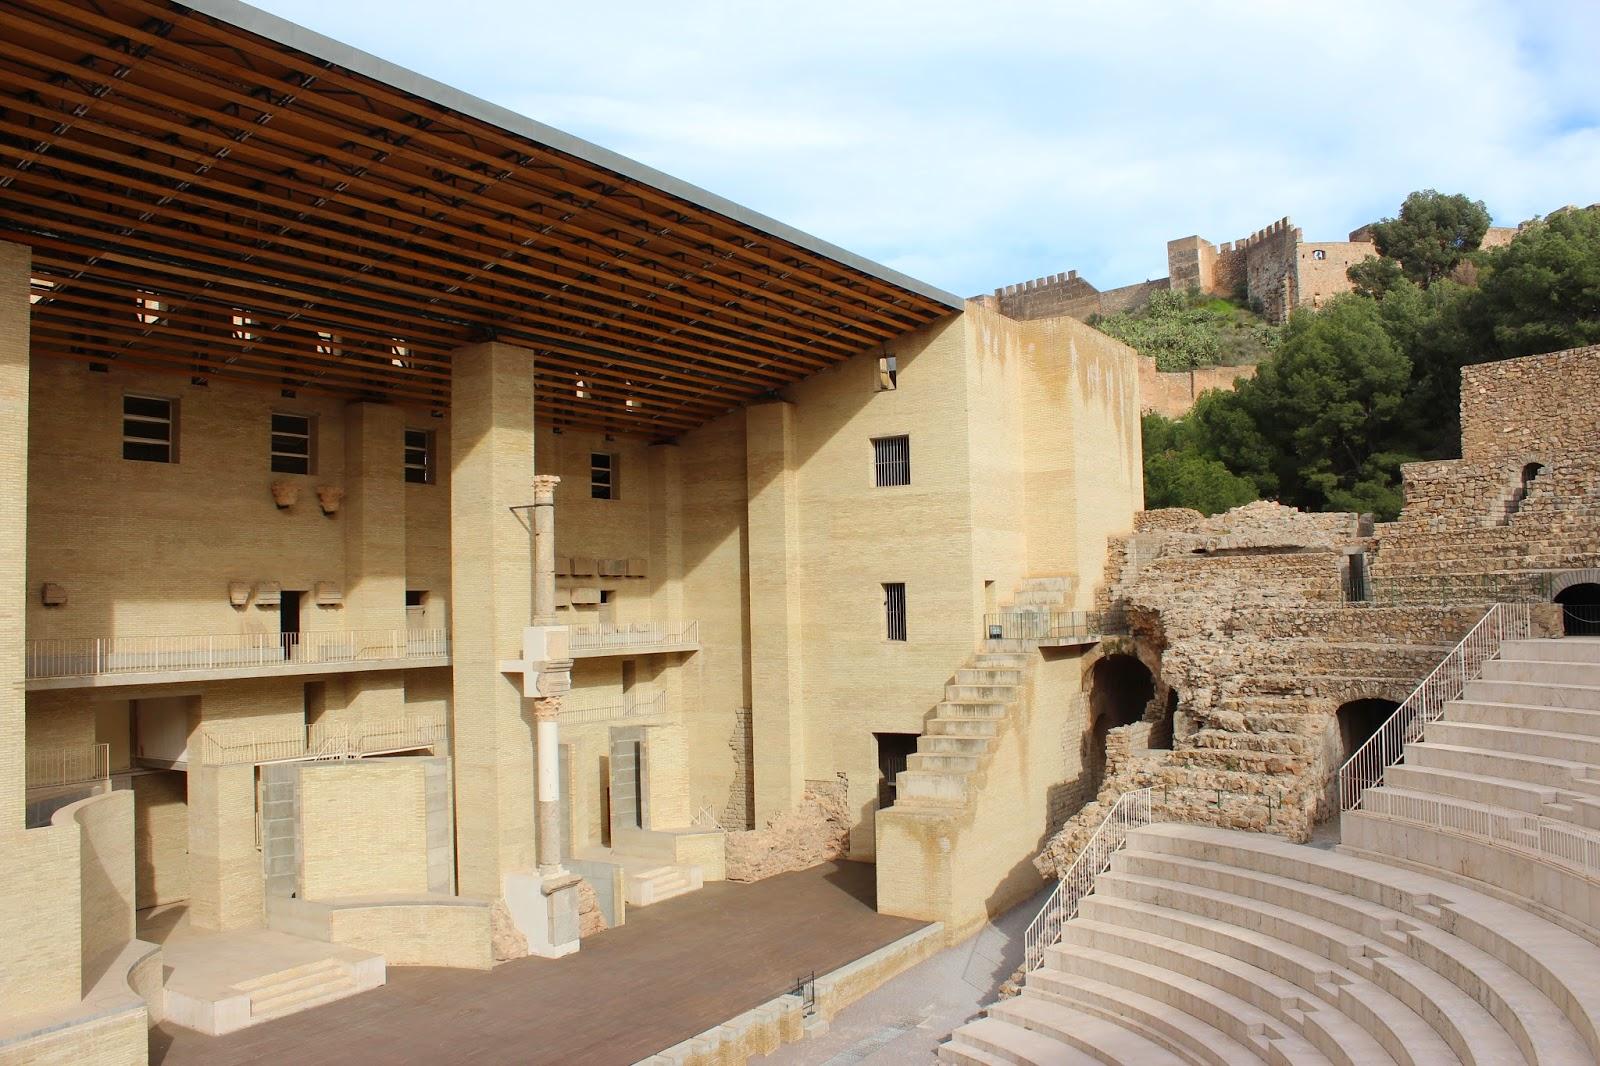 Teatro romano de Sagunto-Valencia